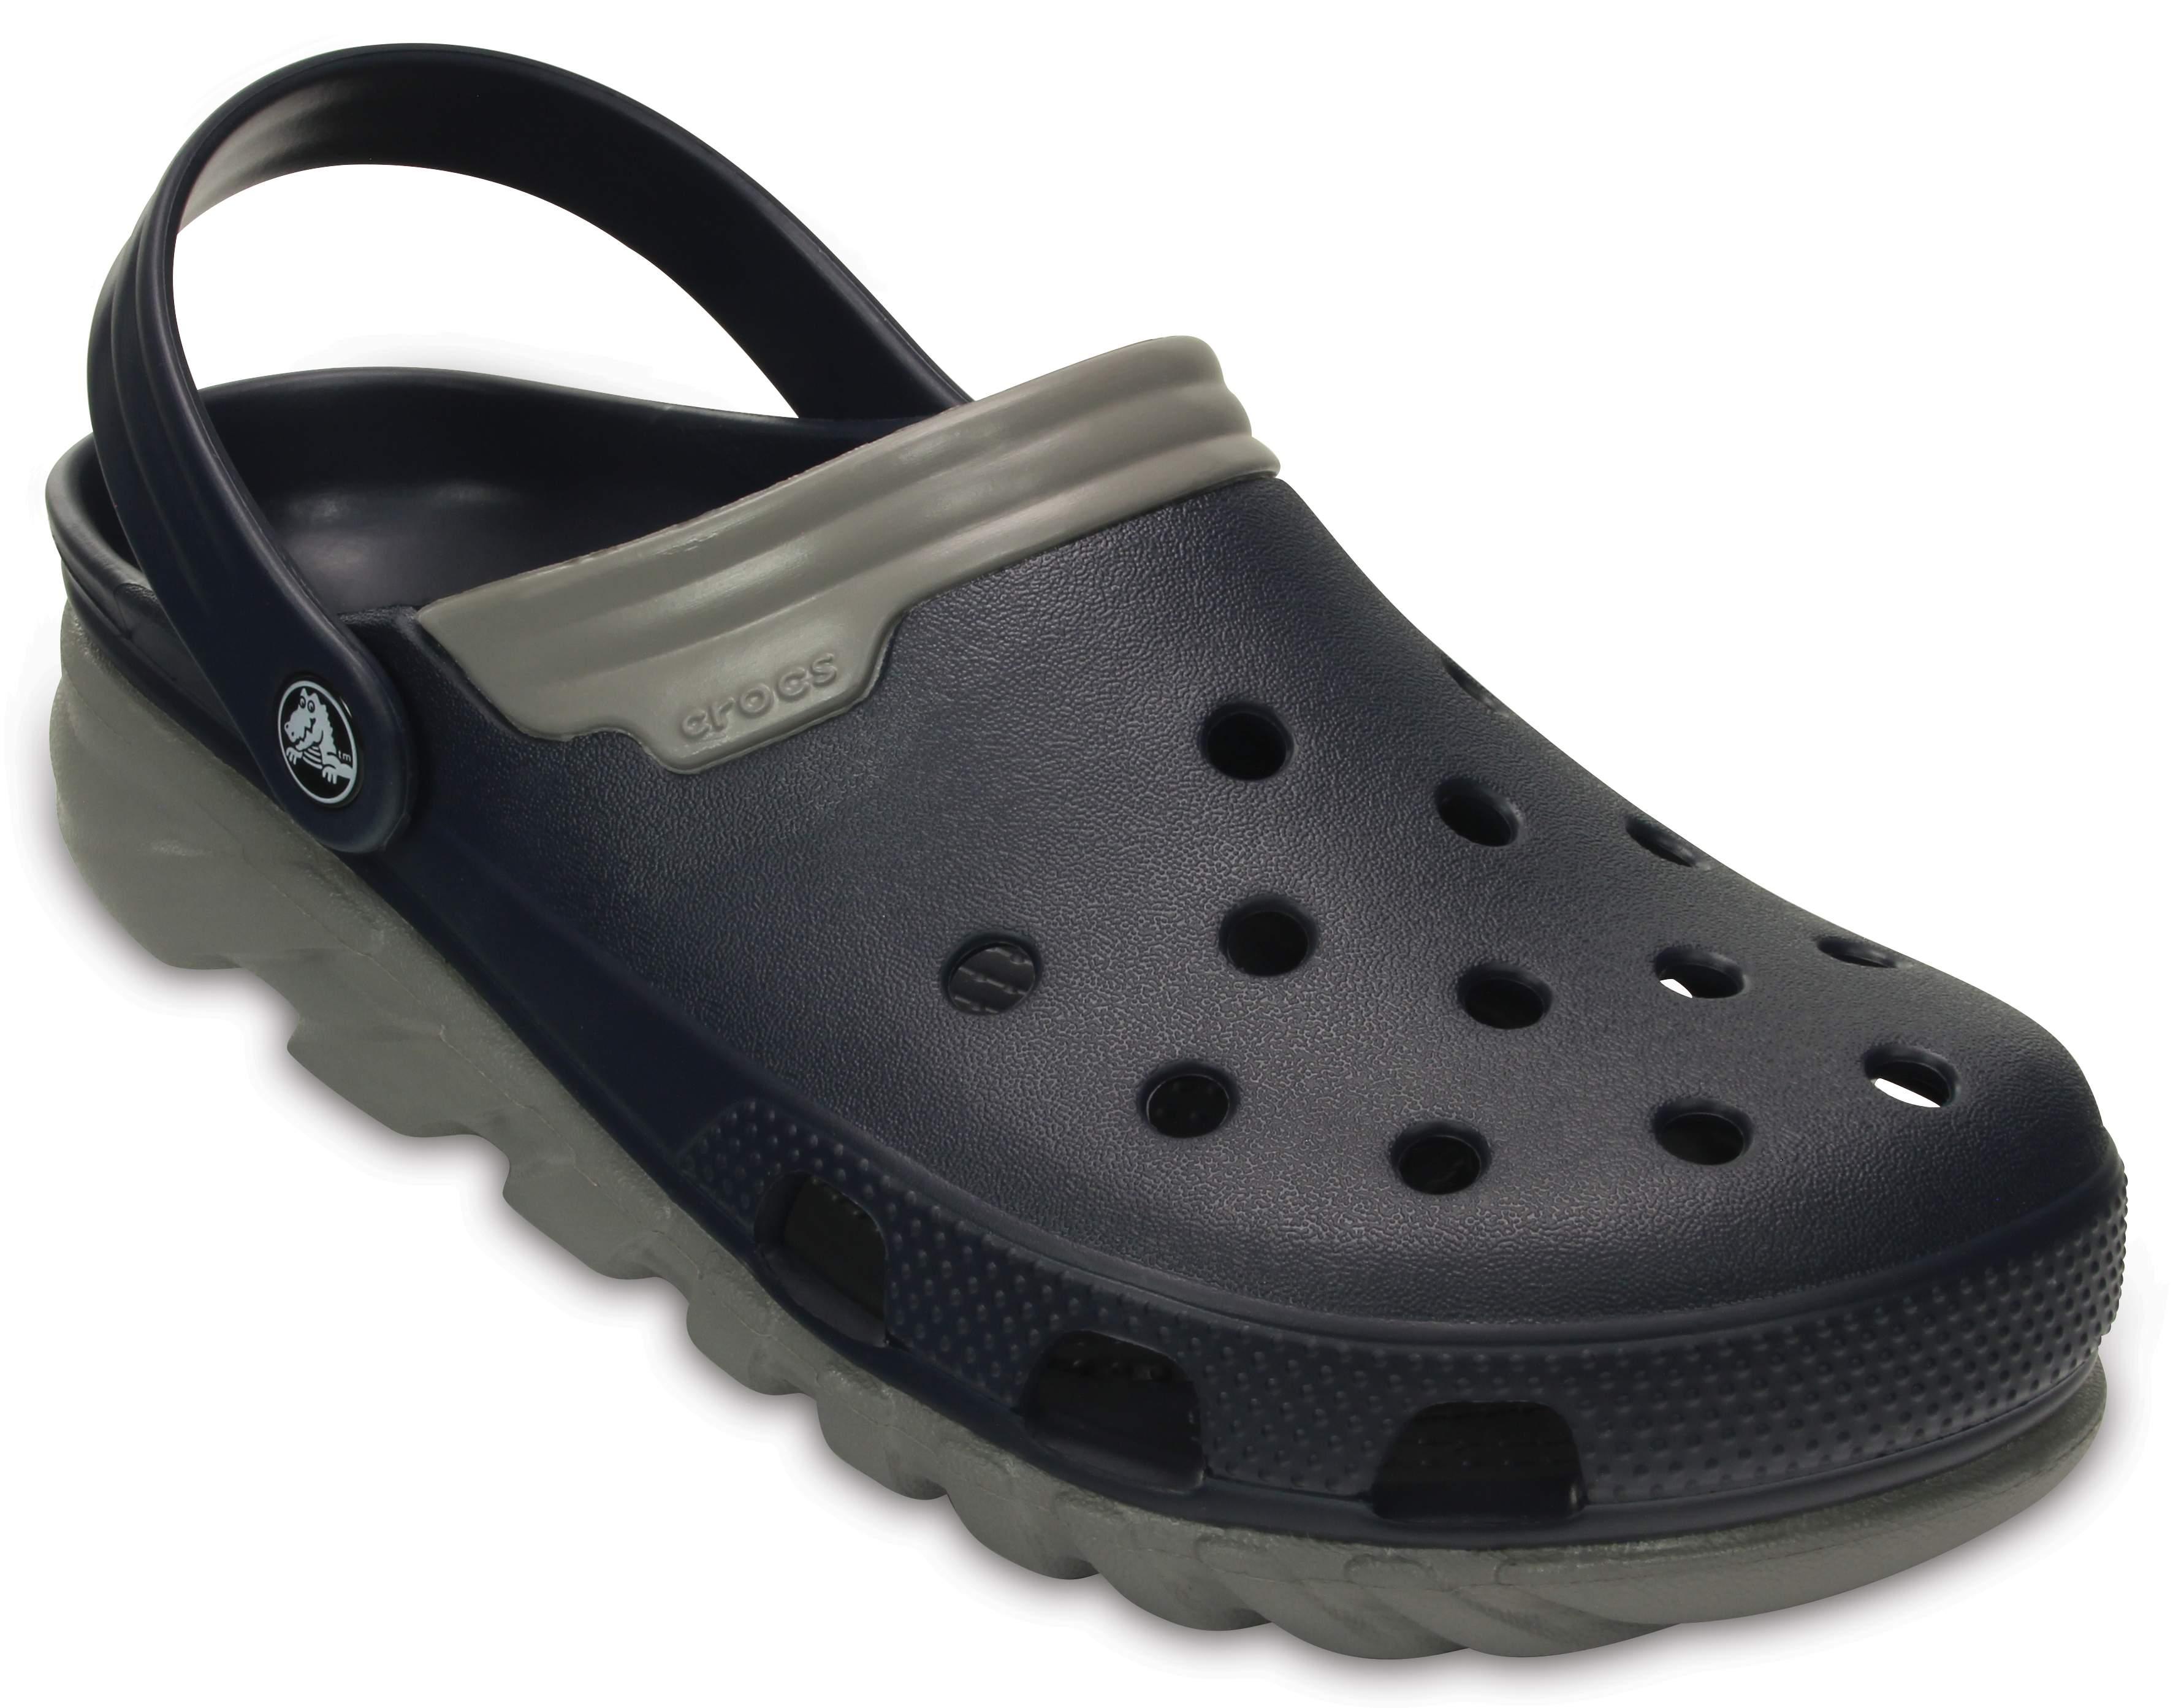 crocs Duet, Unisex - Erwachsene Clogs, Schwarz (Black/Graphite), 46/47 EU